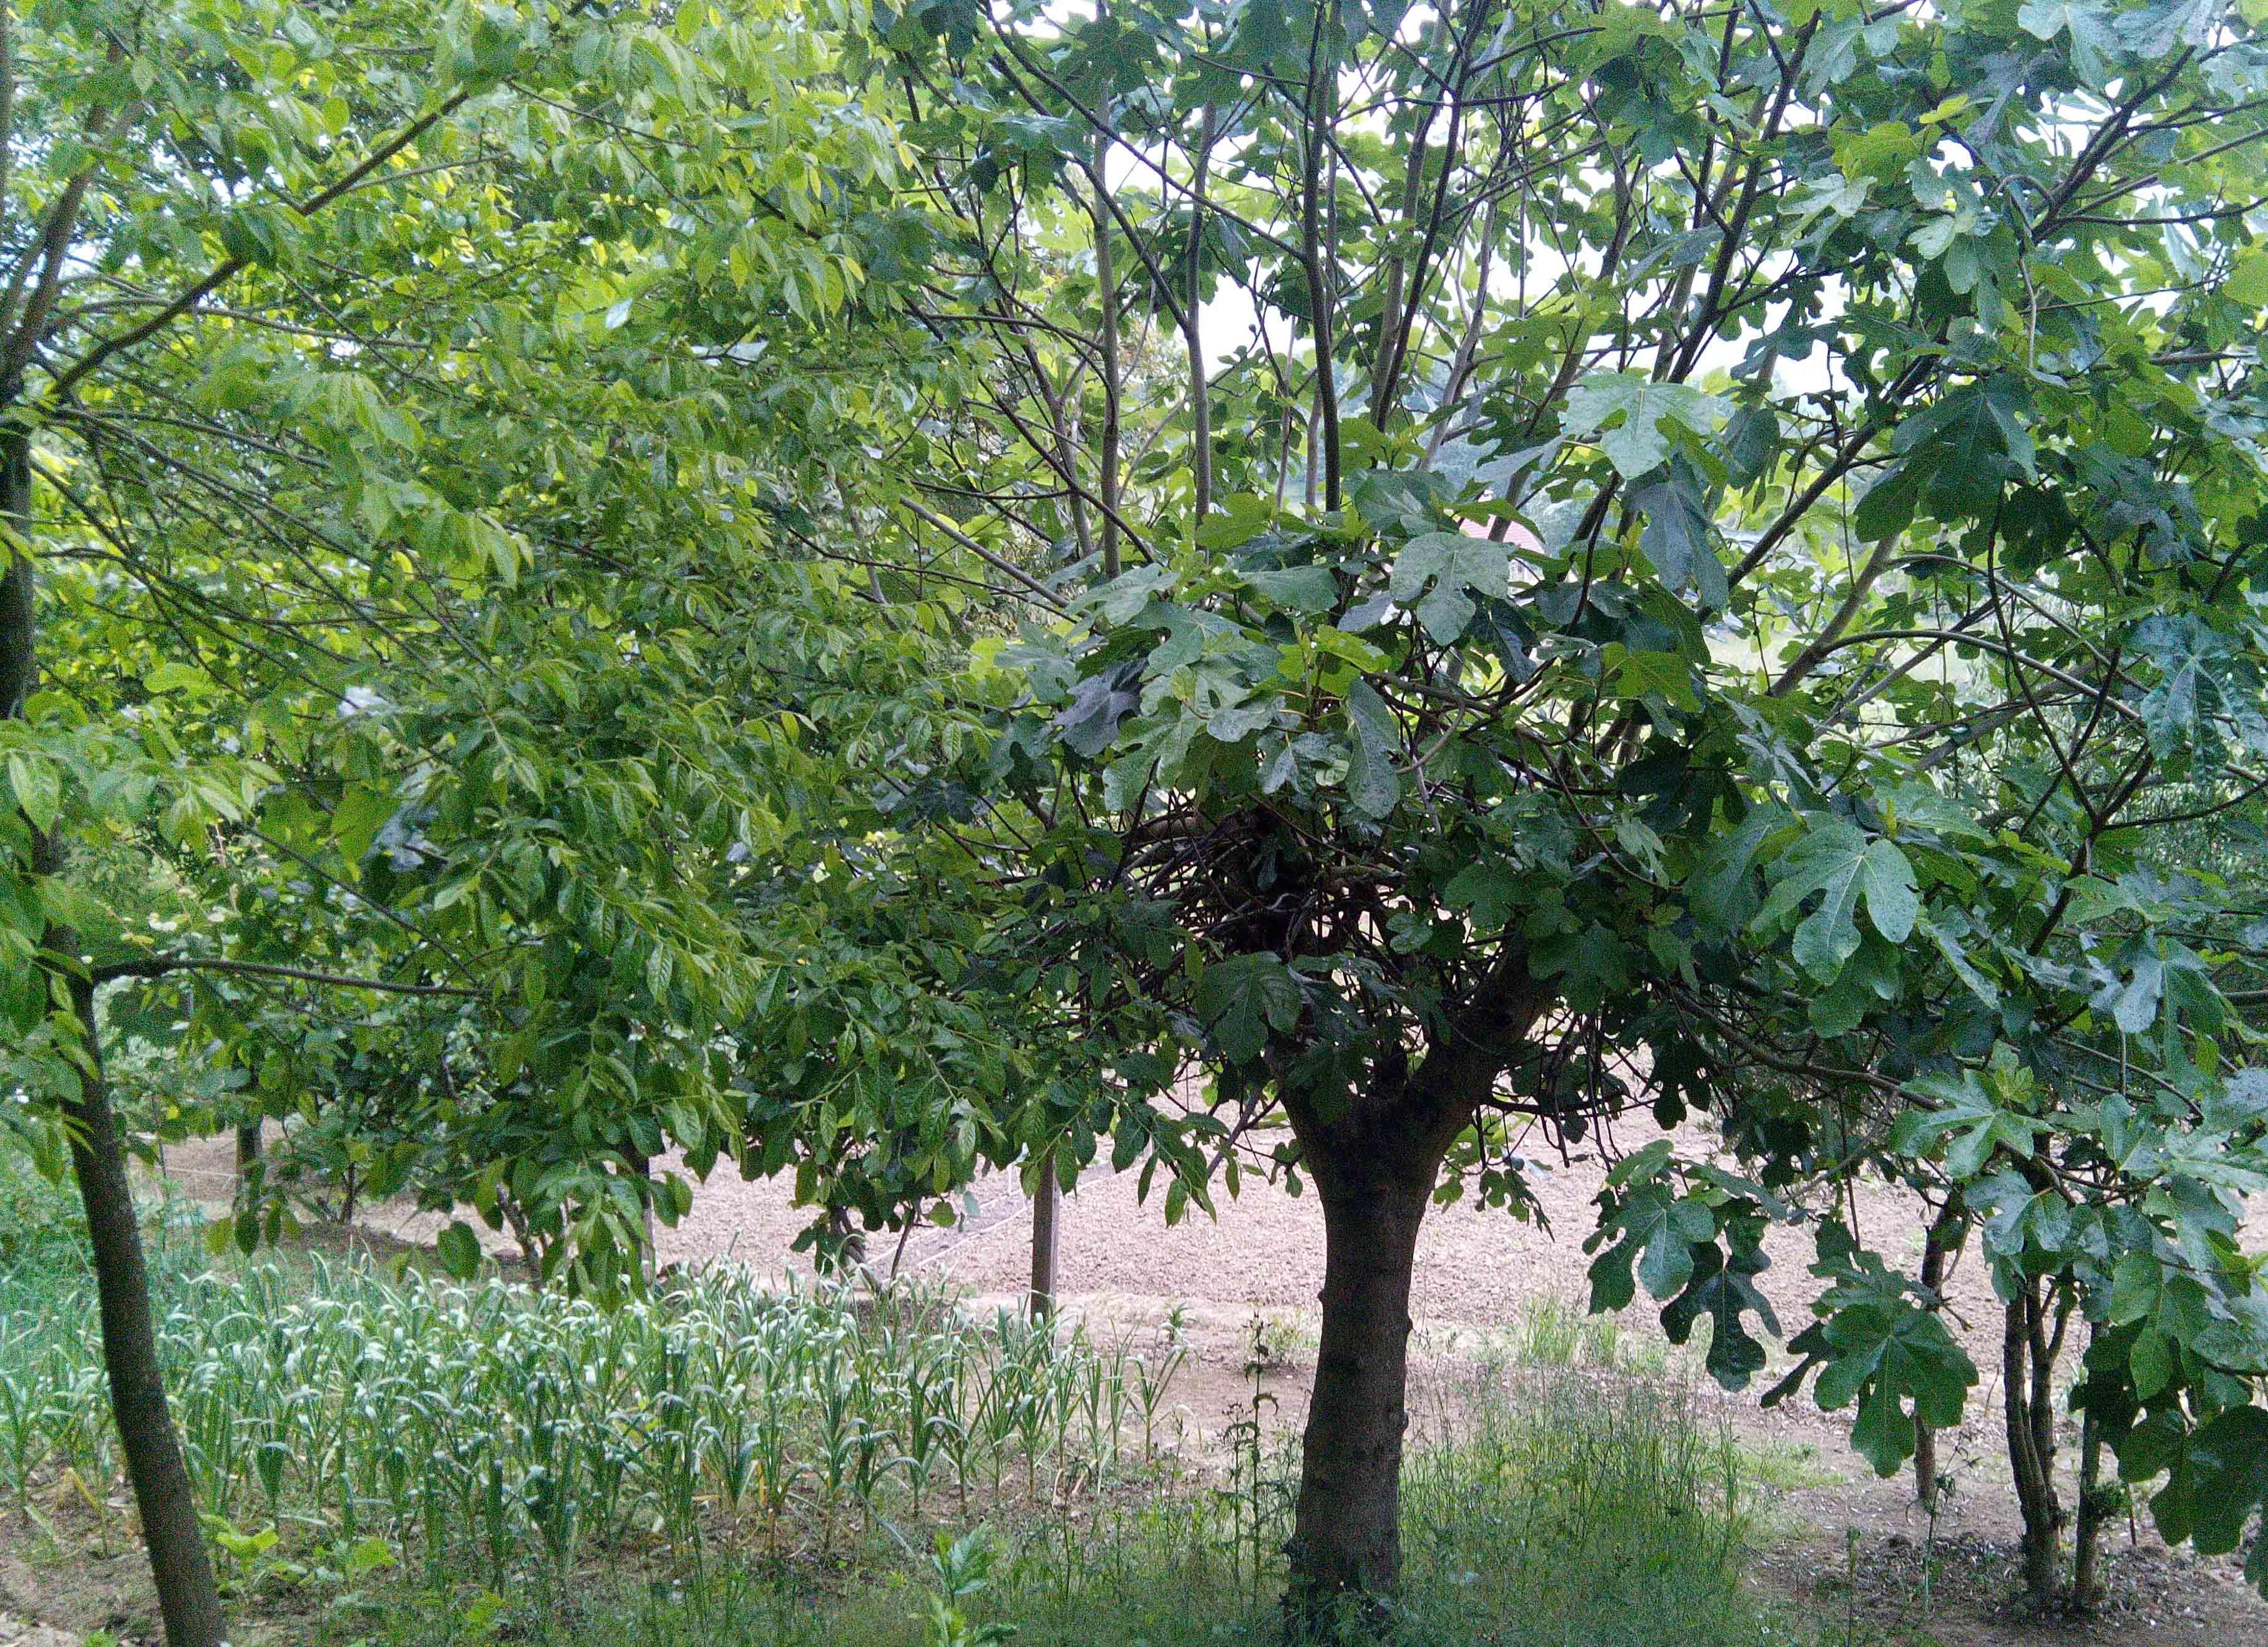 Arboles y arbustos jard n de - Arboles y arbustos ...